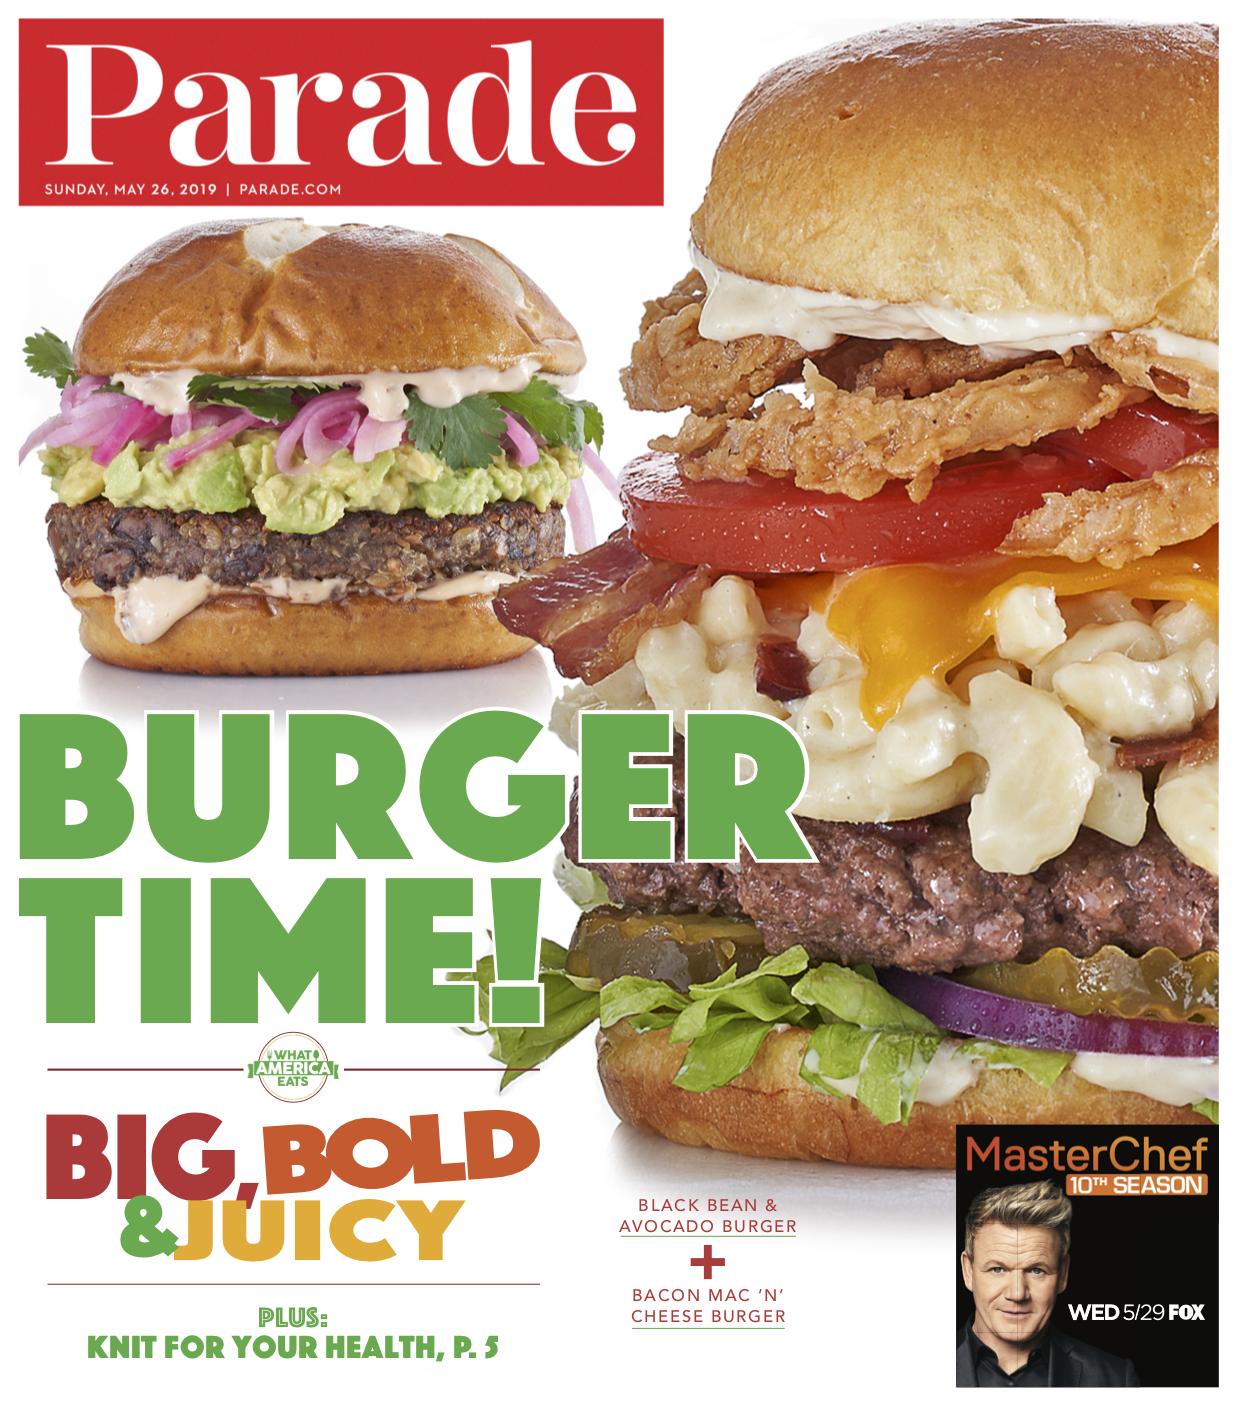 Burger Cover, Parade 2019